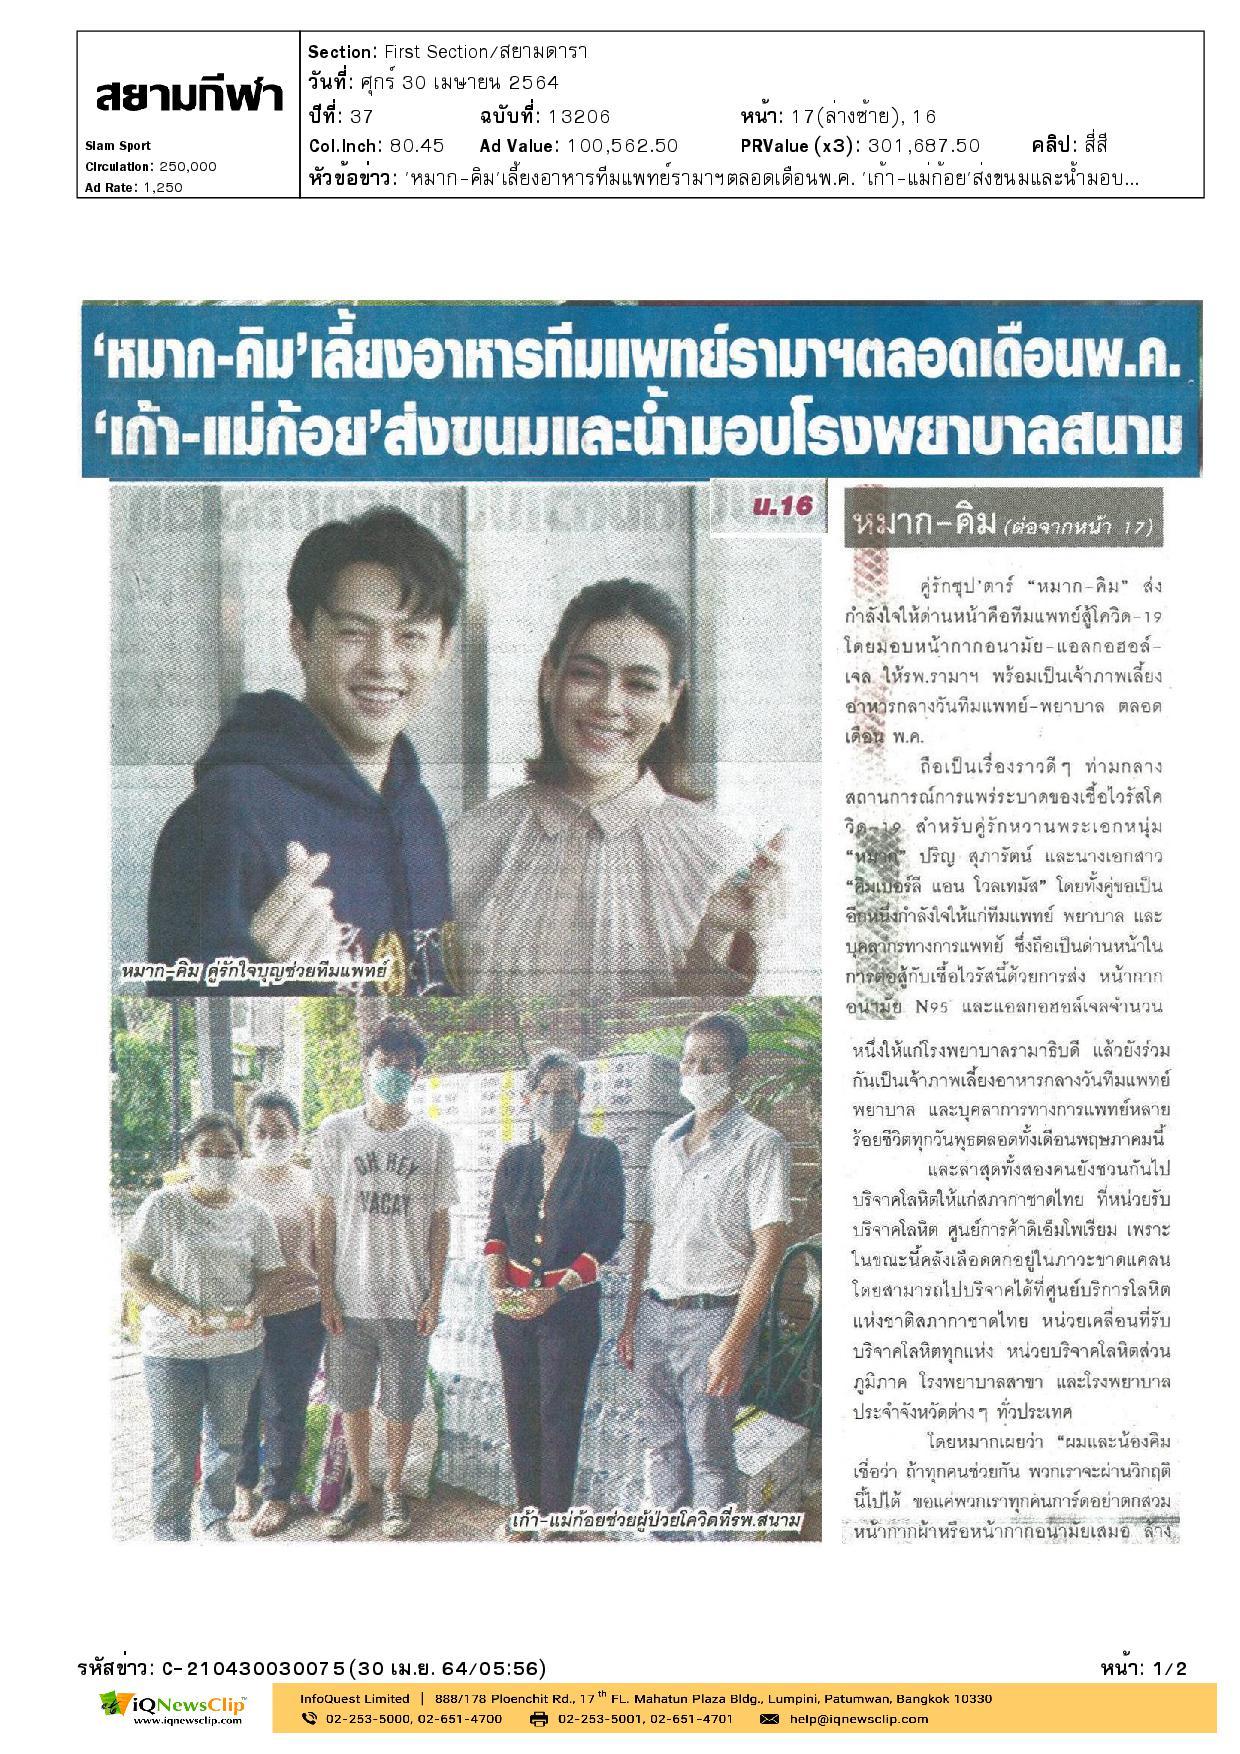 นักแสดงจากช่อง 3 ร่วมบริจาคโลหิตให้แก่สภากาชาดไทย